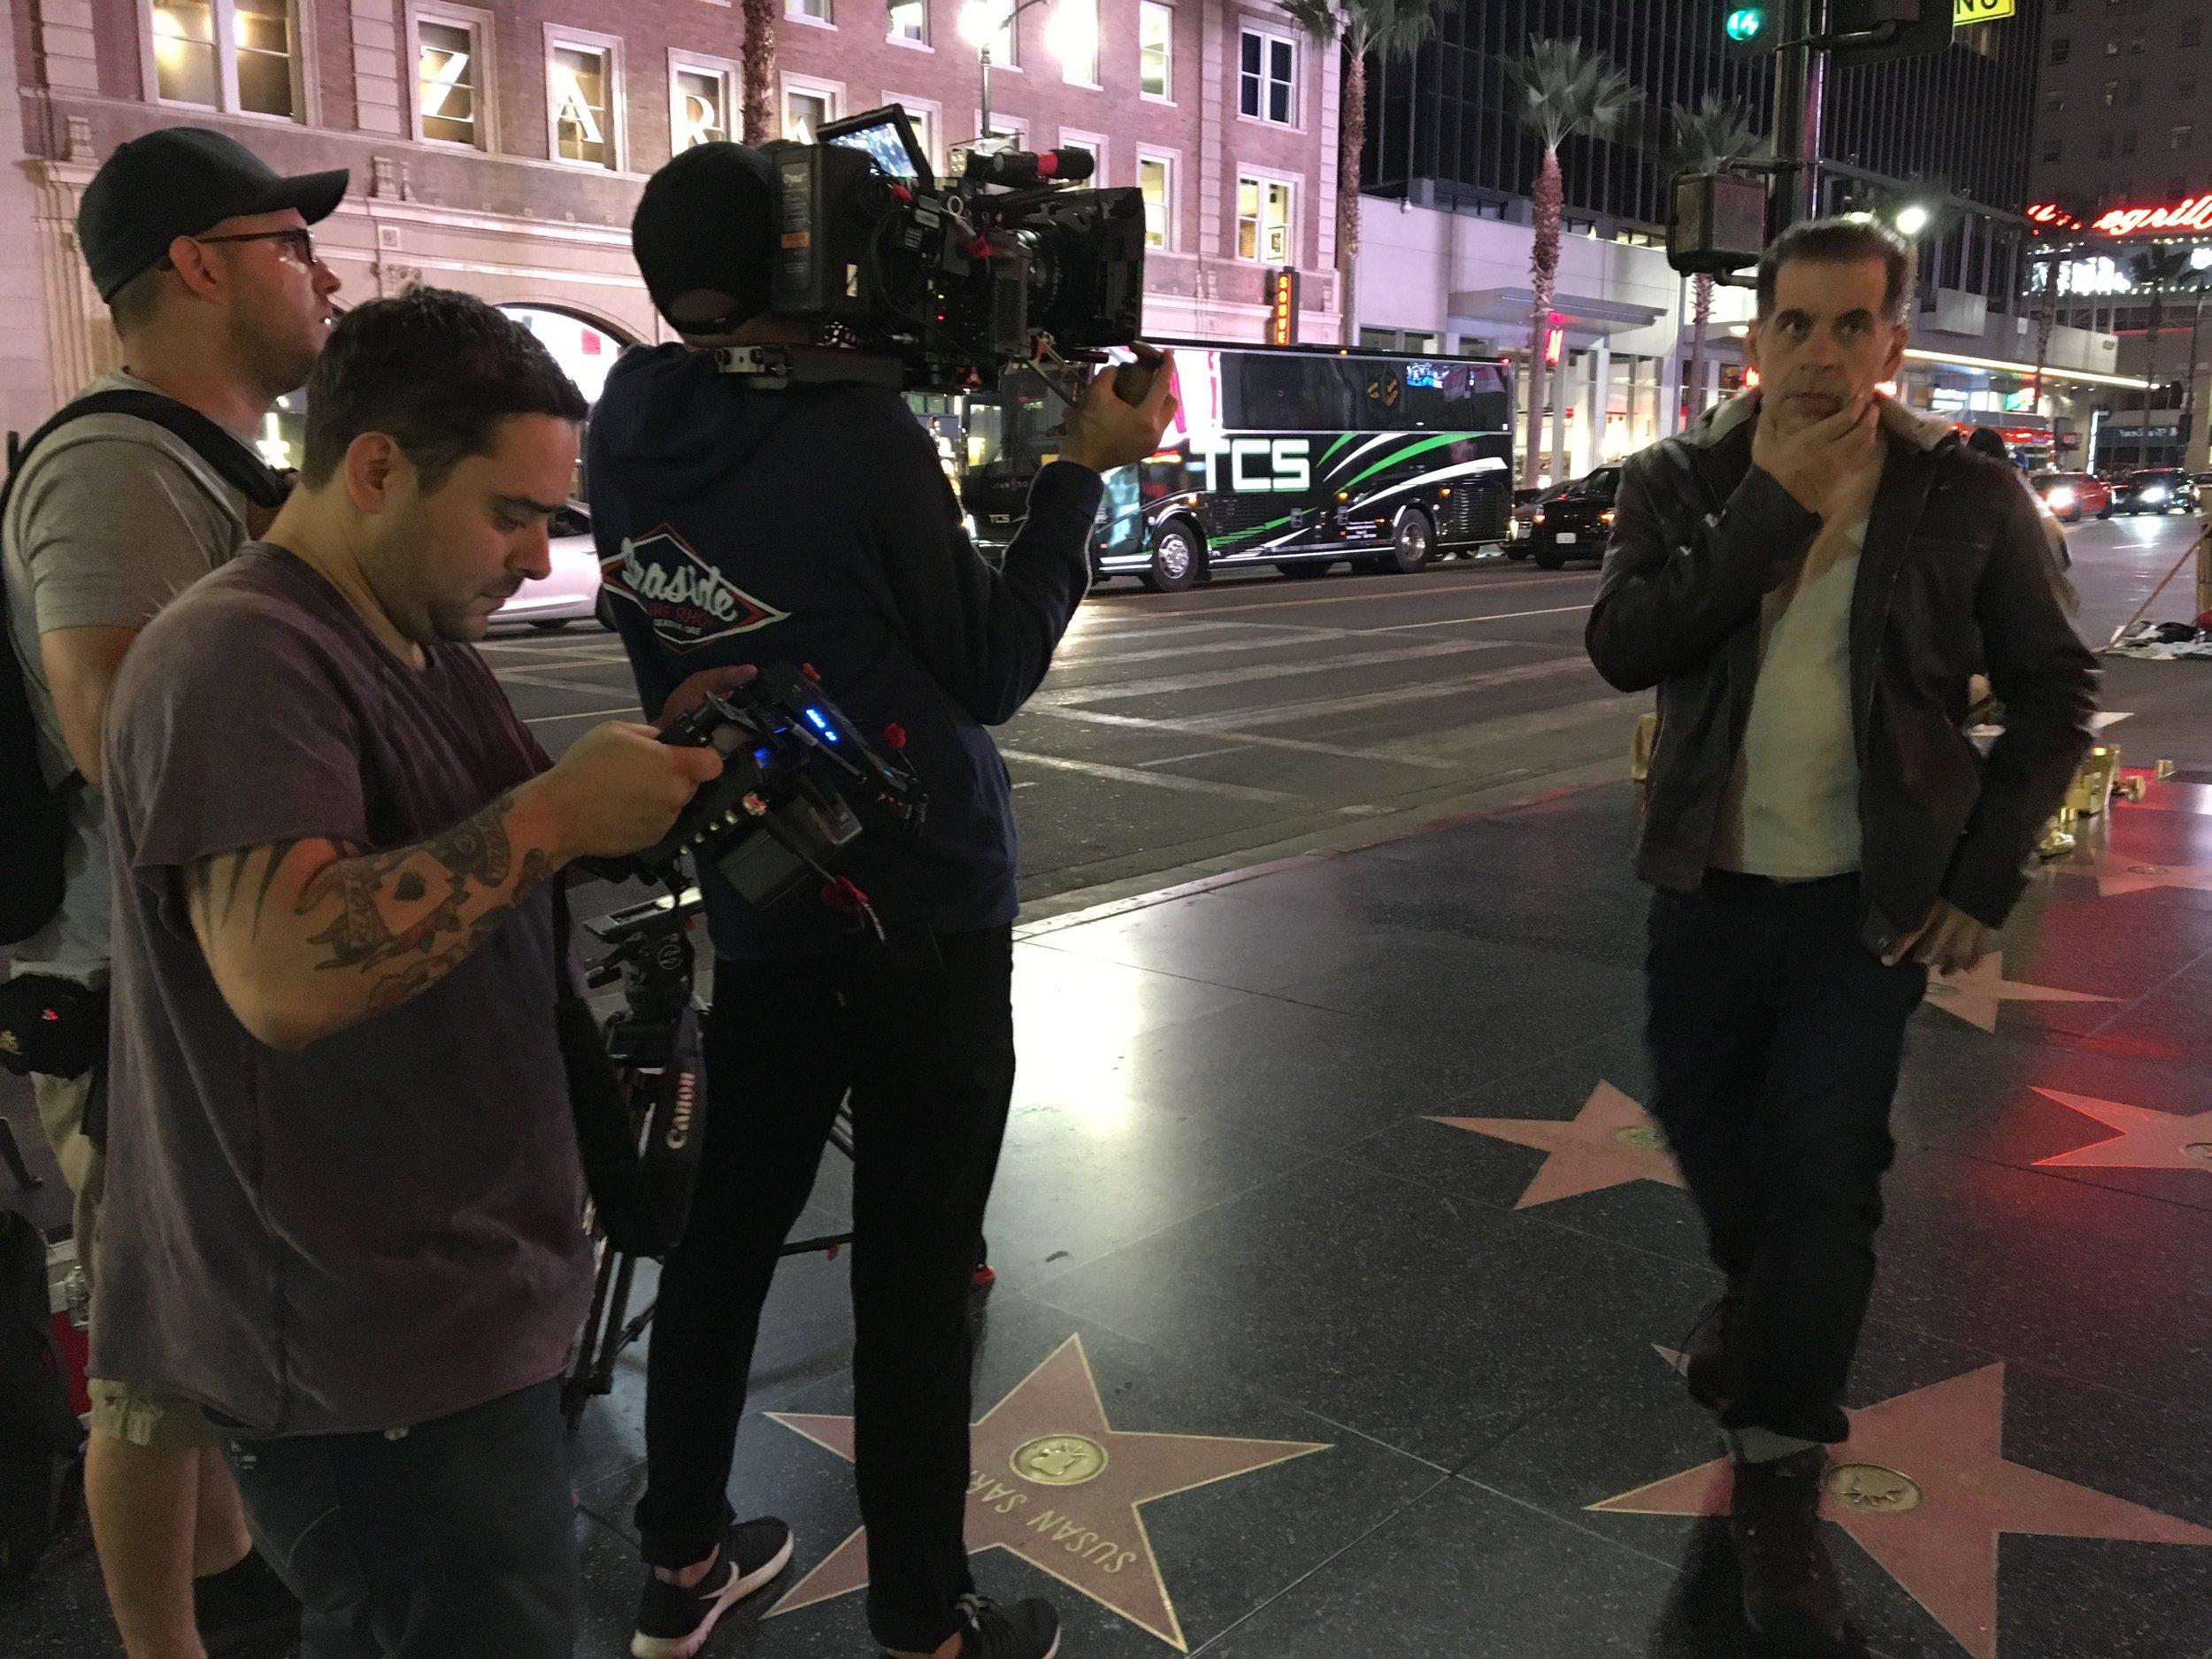 Diretor André Moraes e ator Leandro Hassum durante filmagem em Los Angeles